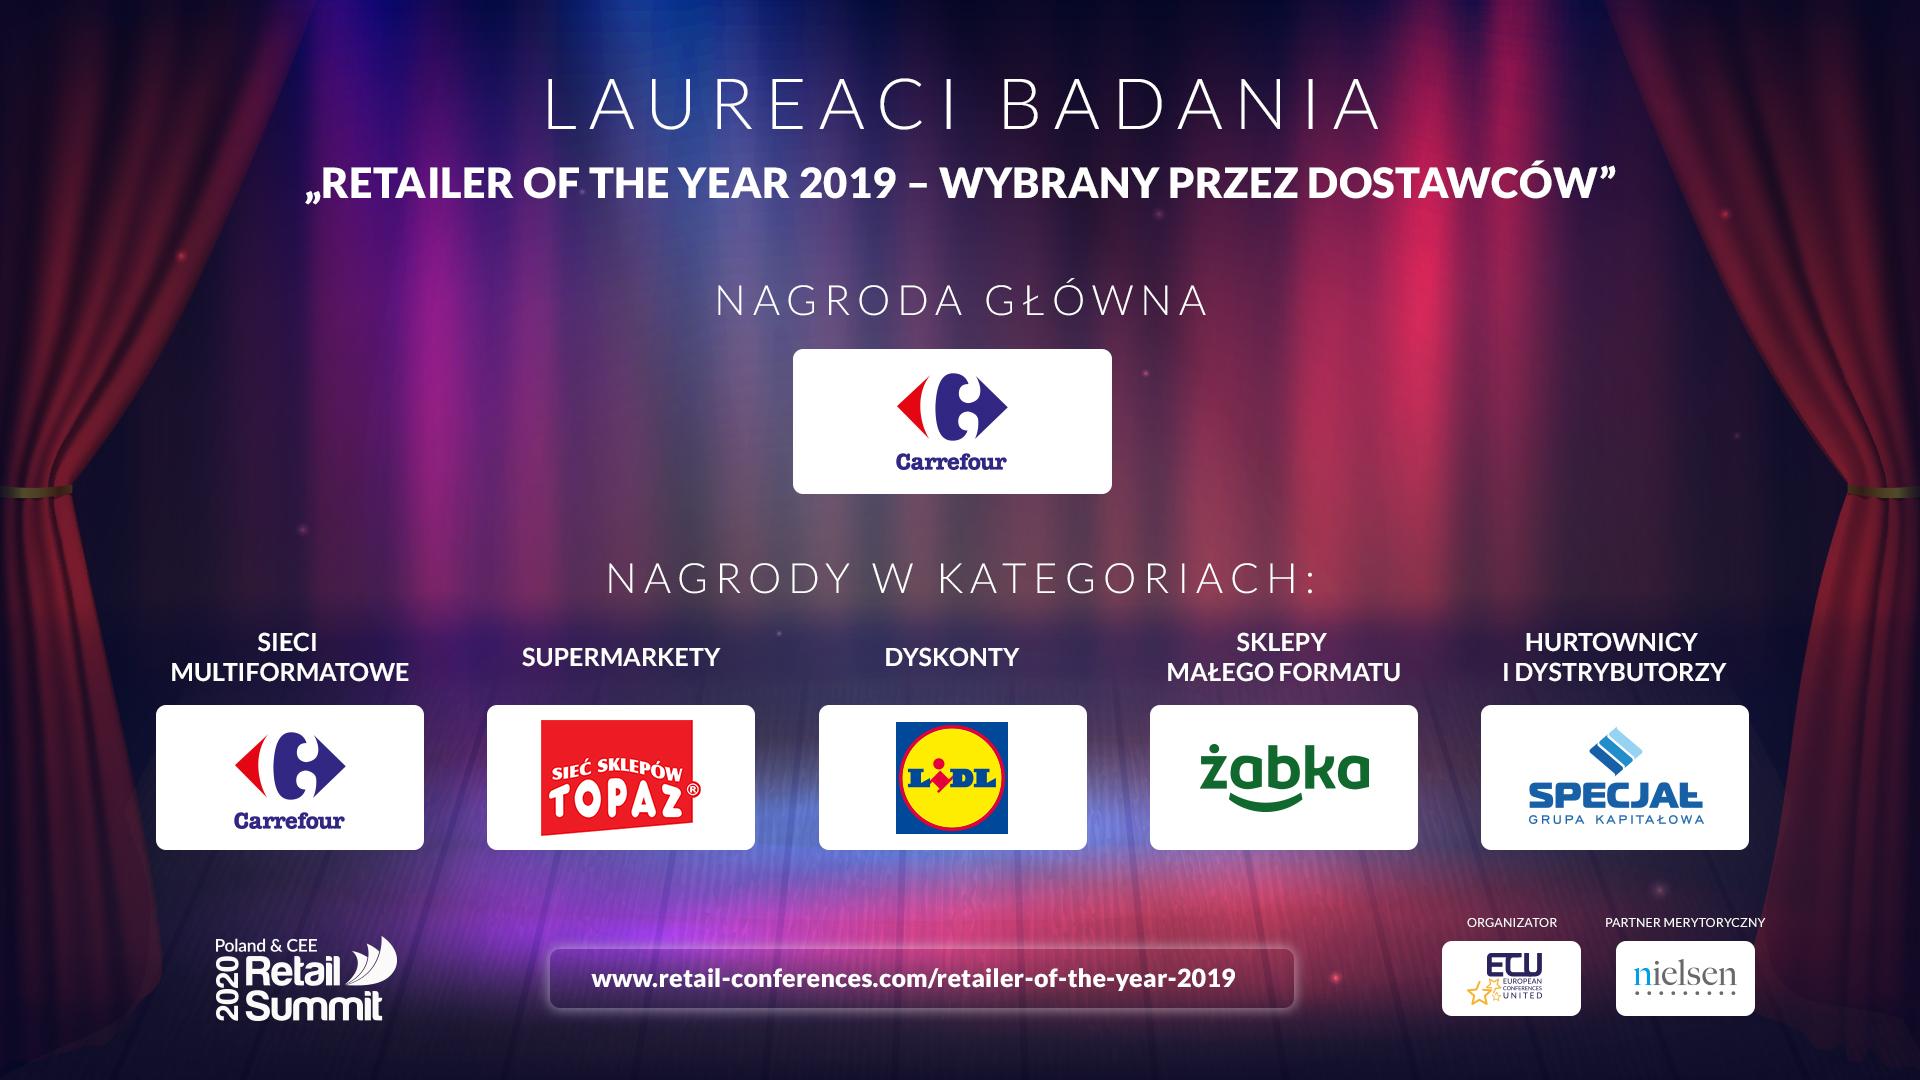 Znamy laureatów nagrody Retailer of the Year 2019